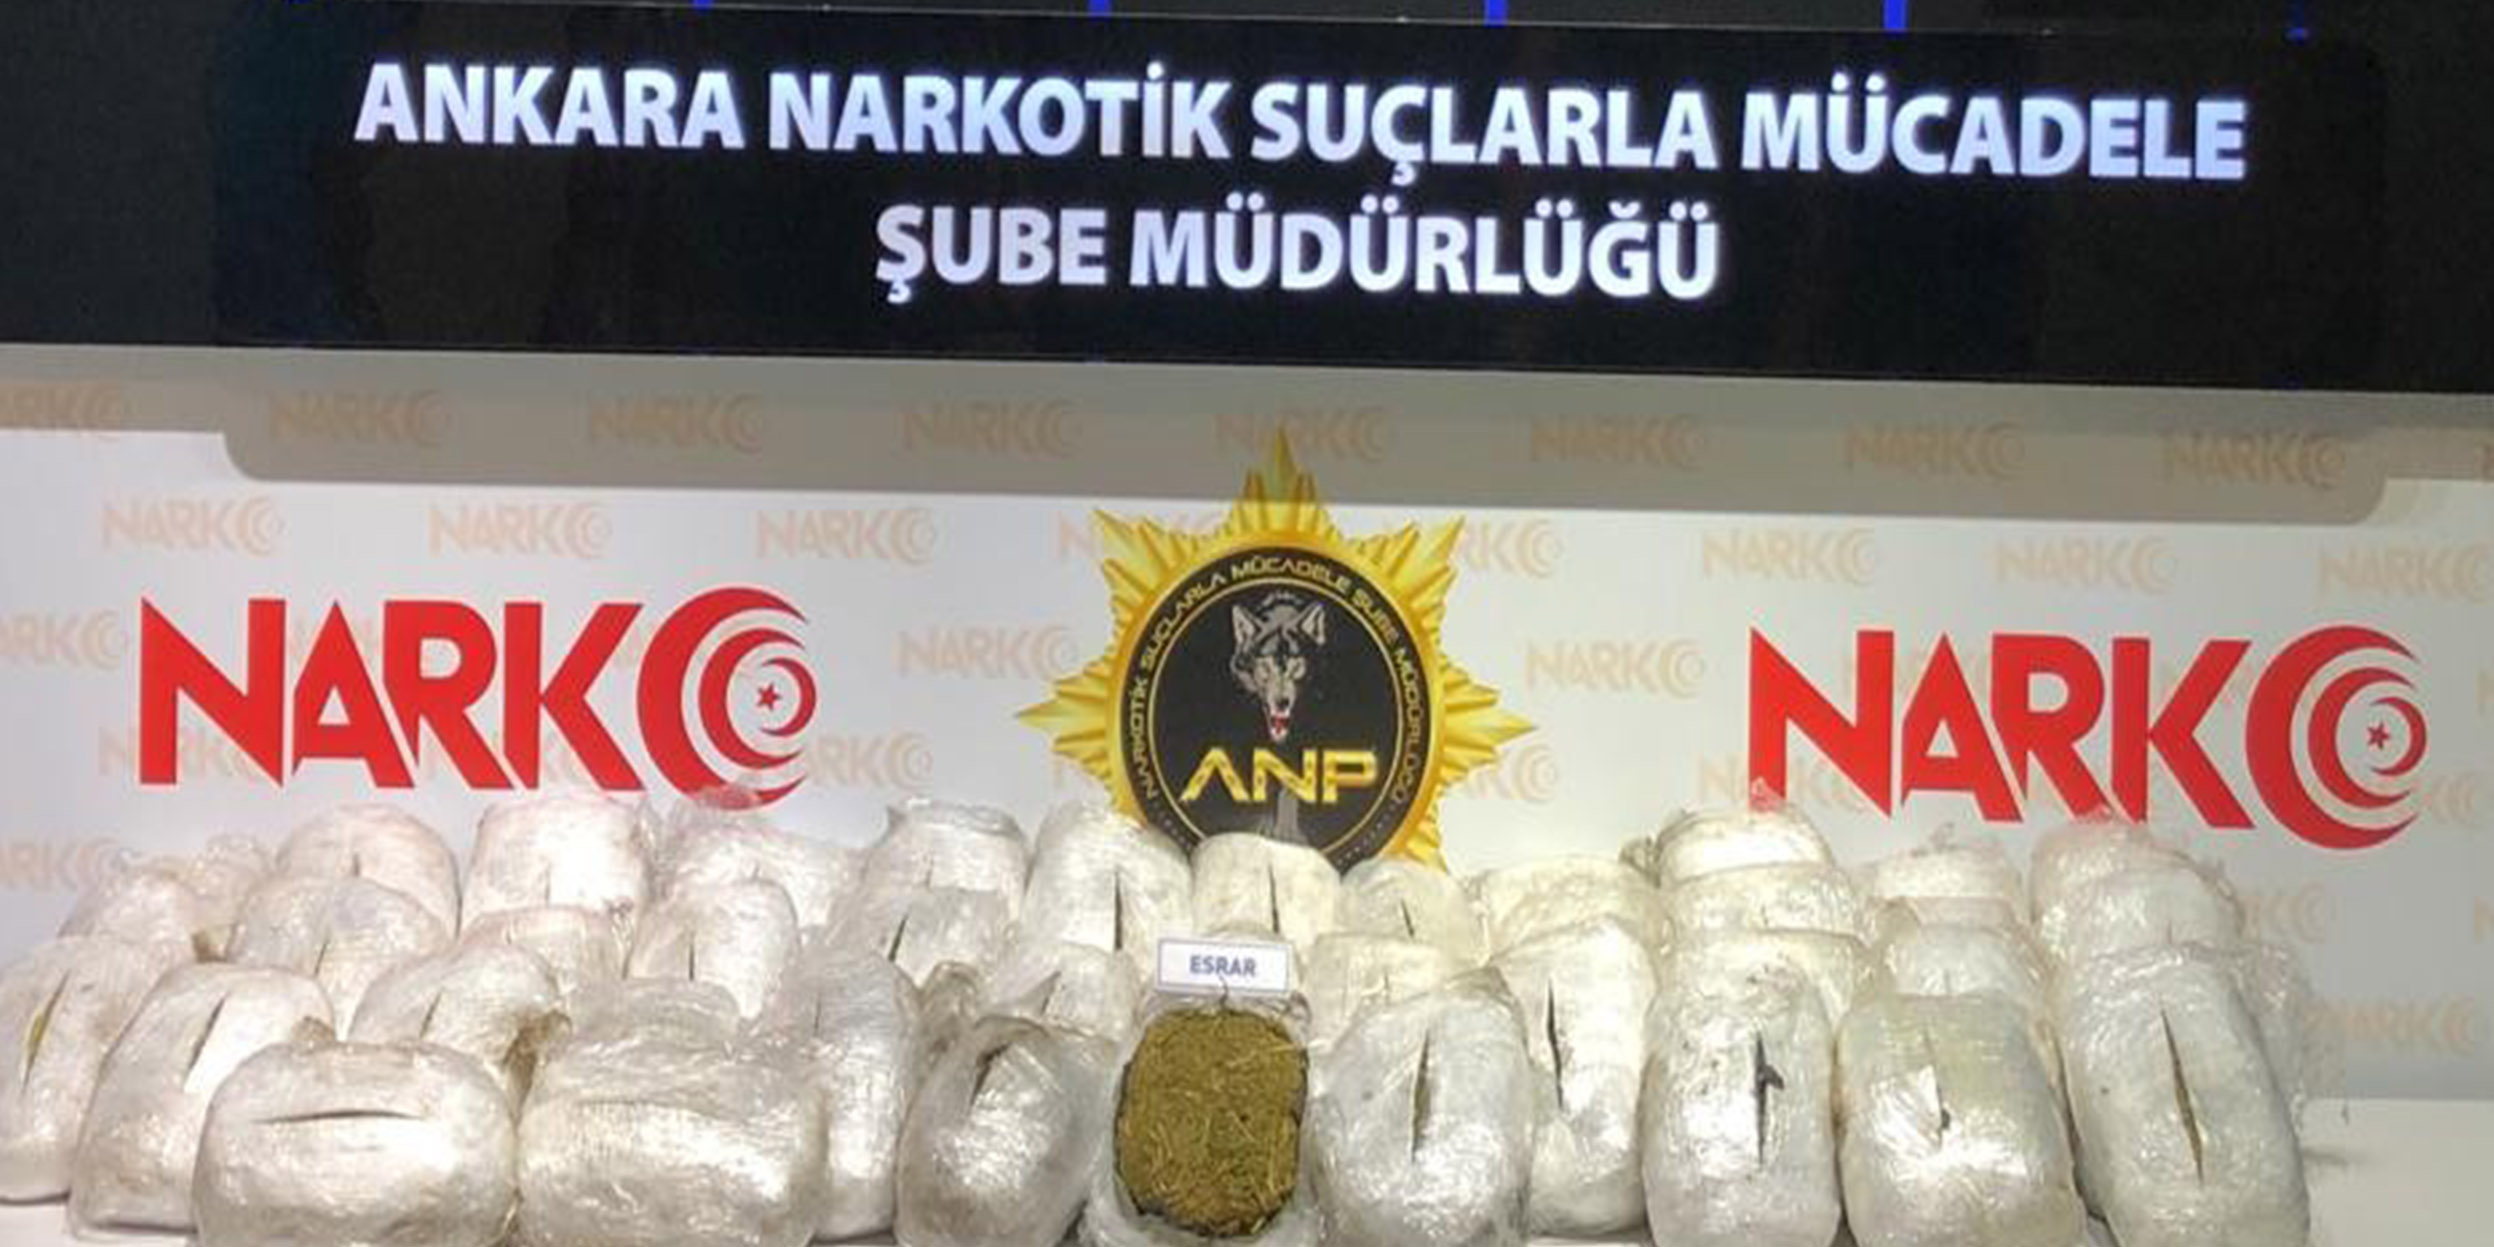 Ankara narkotiğinin büyük başarısı